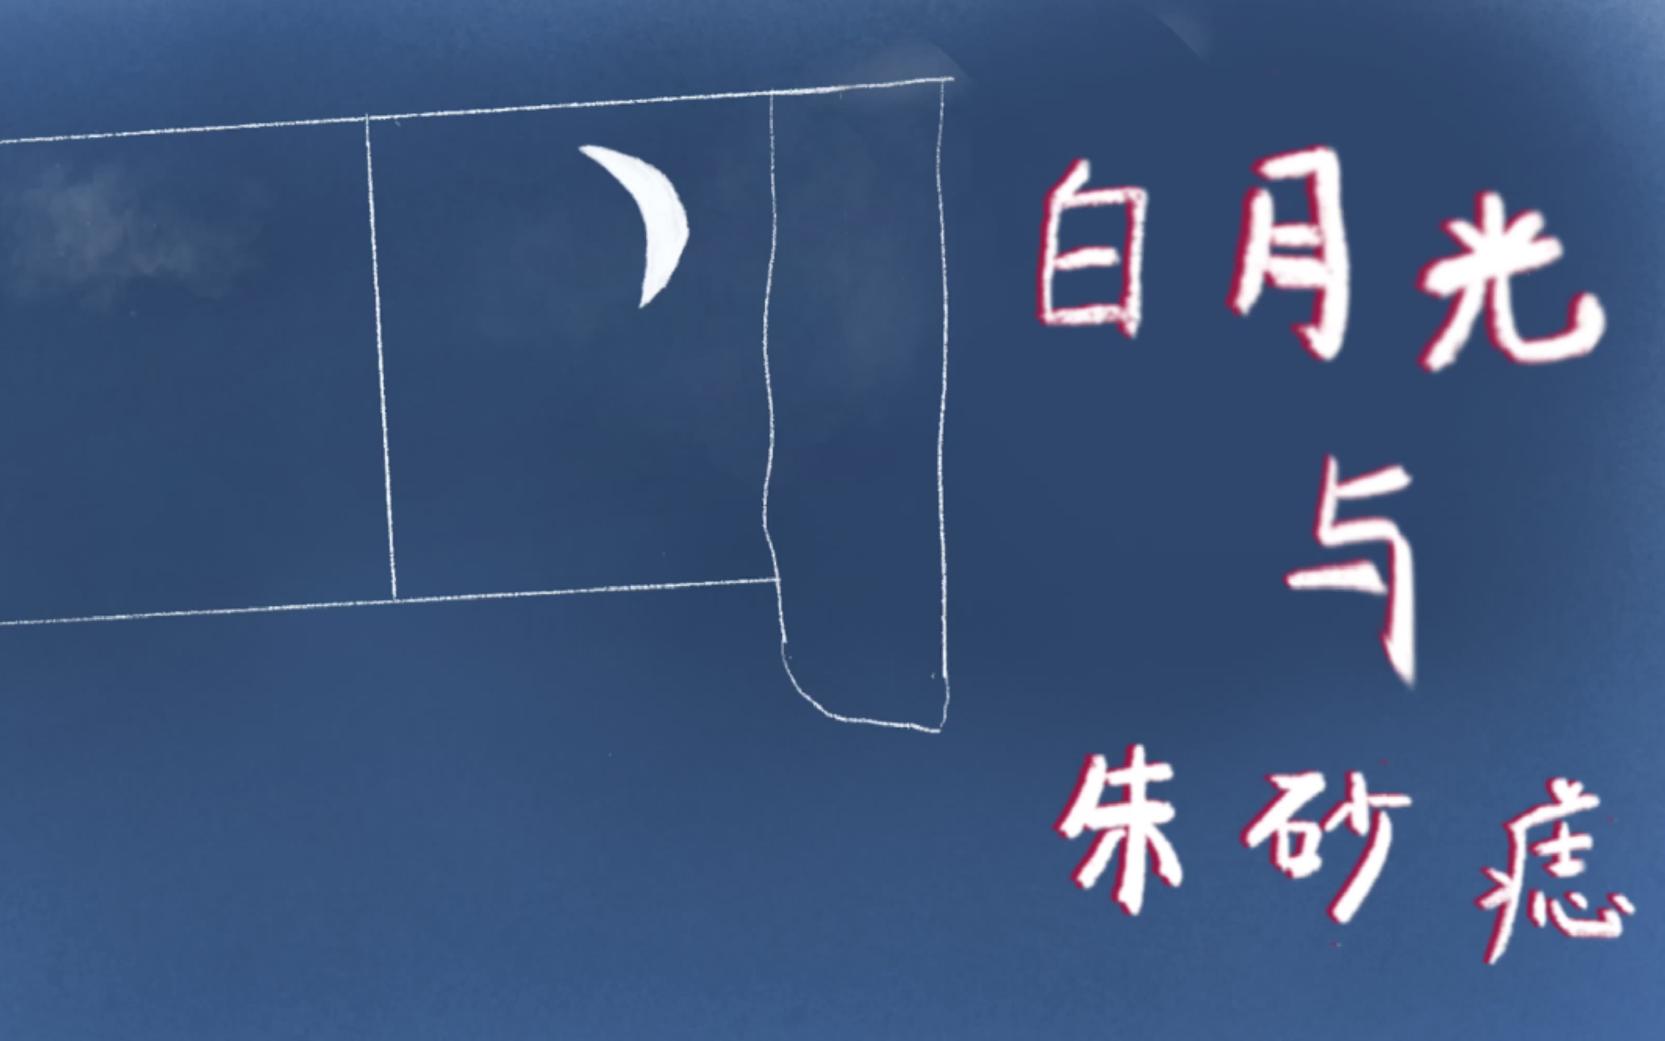 【精霊酱seirei】白月光与朱砂痣